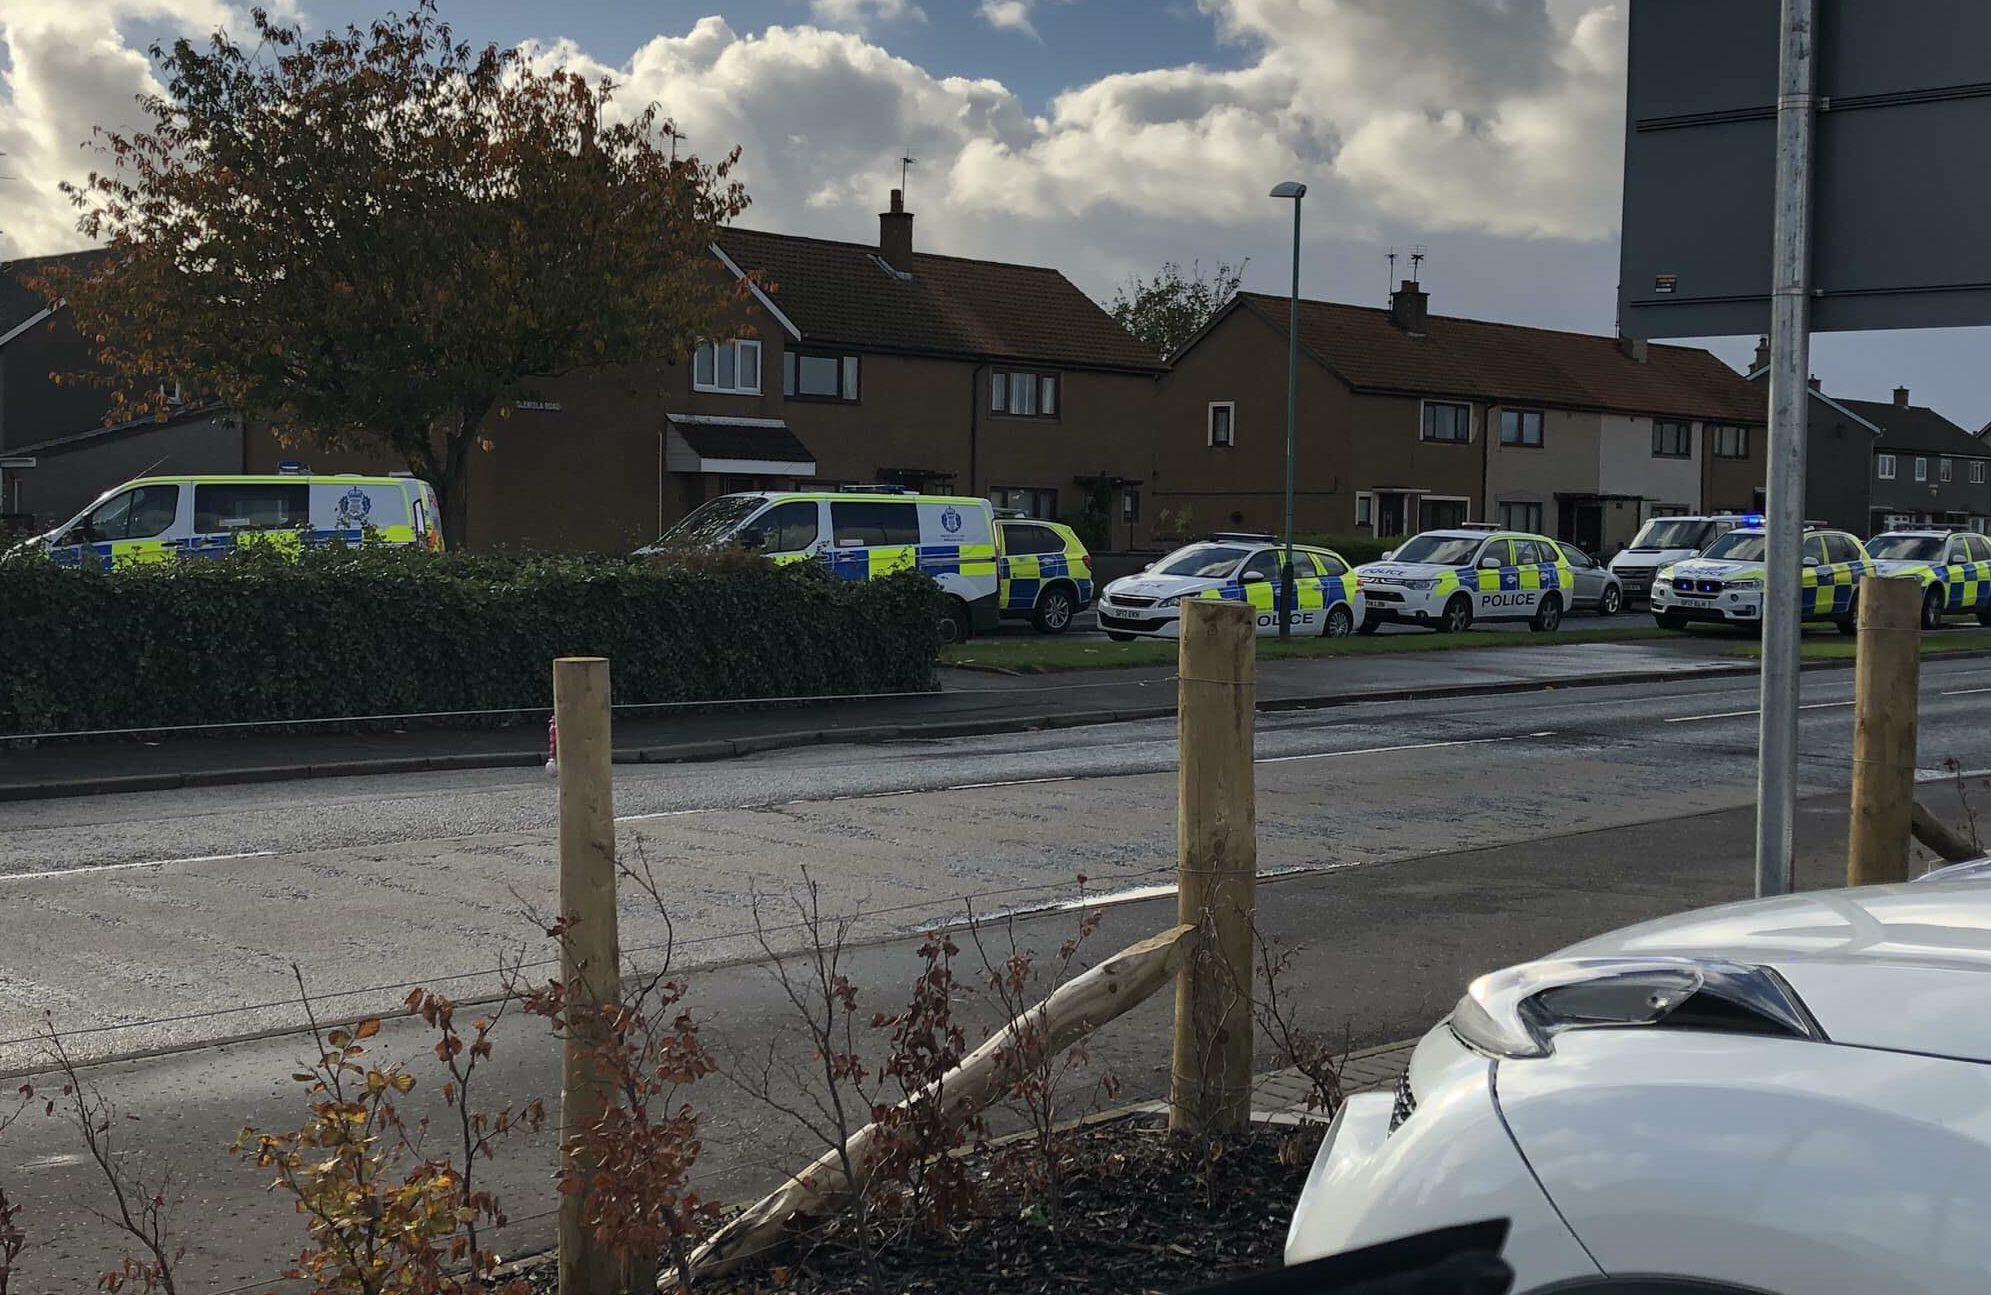 Police on Glenlethnot Place